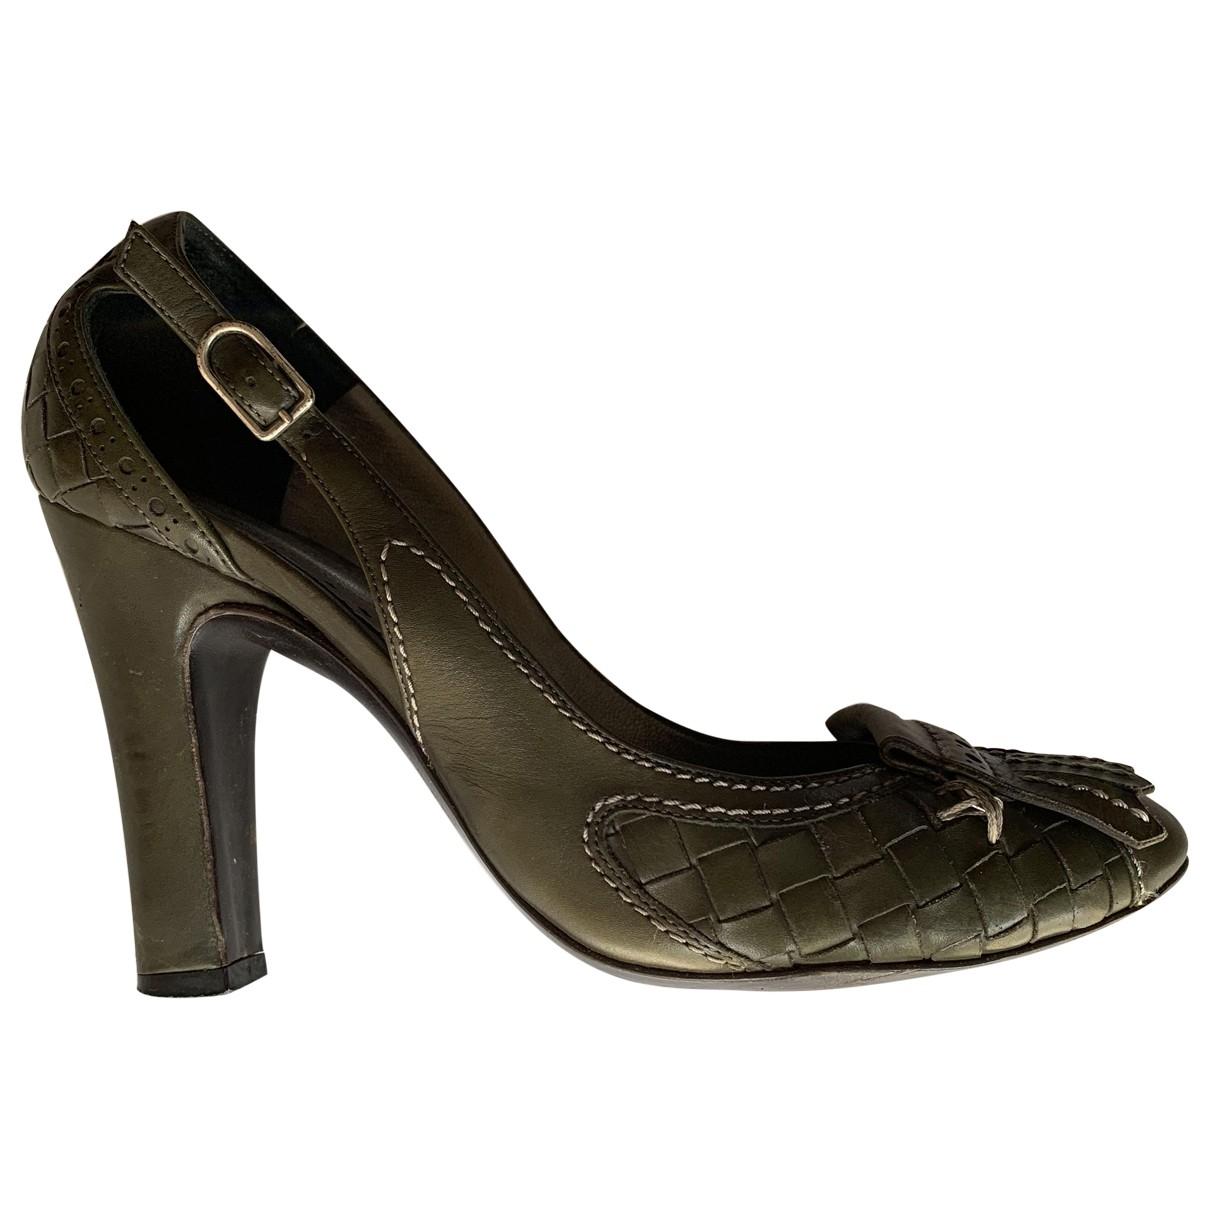 Bottega Veneta \N Green Leather Heels for Women 37 EU